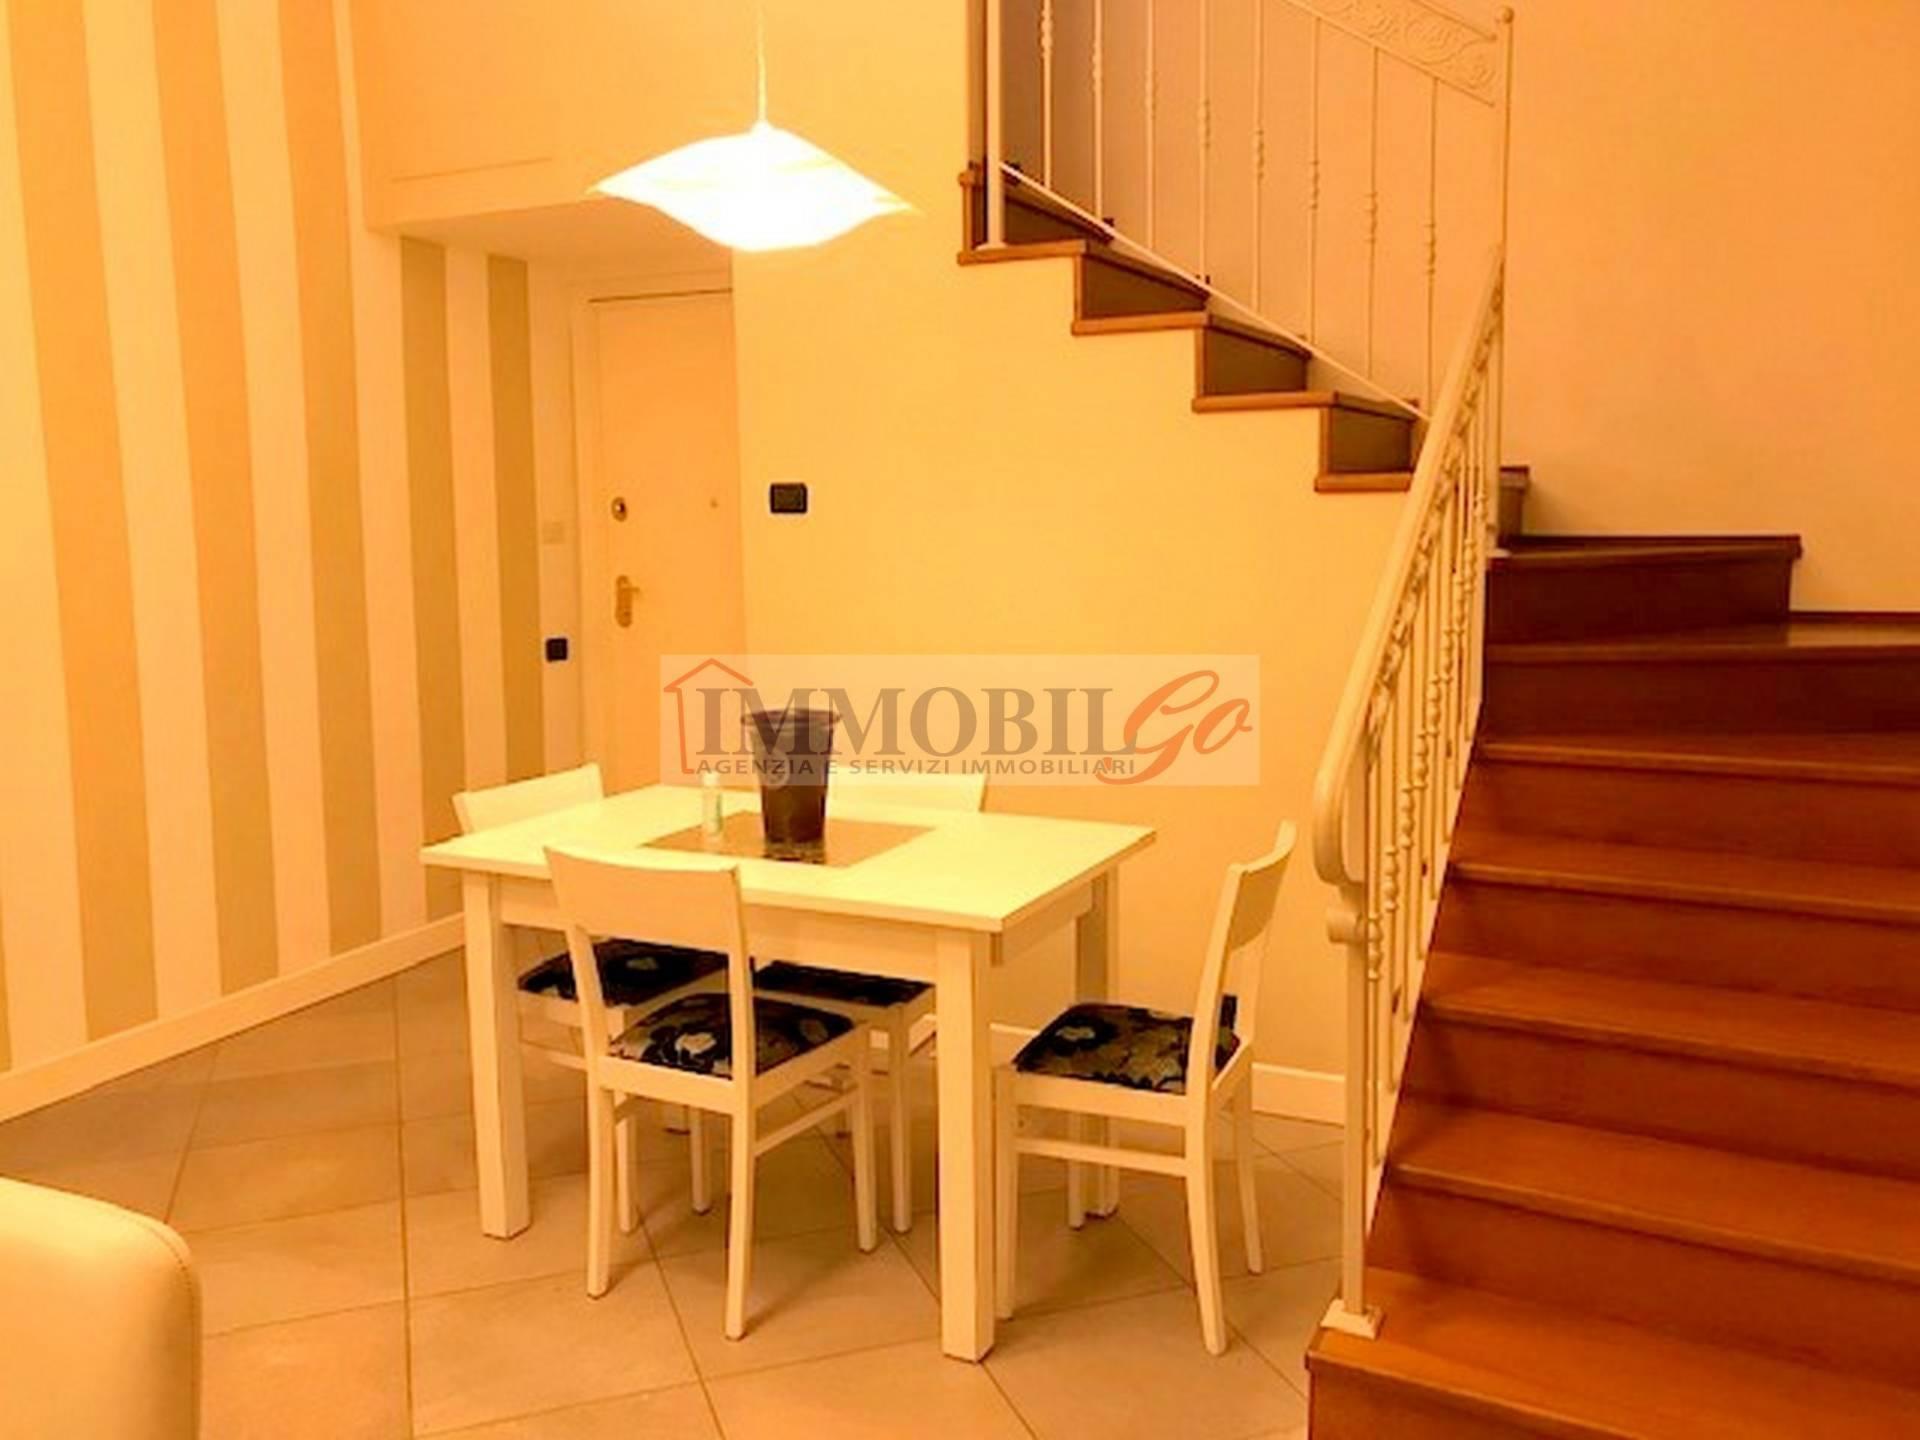 Appartamento in vendita a Verdello, 2 locali, prezzo € 125.000 | PortaleAgenzieImmobiliari.it